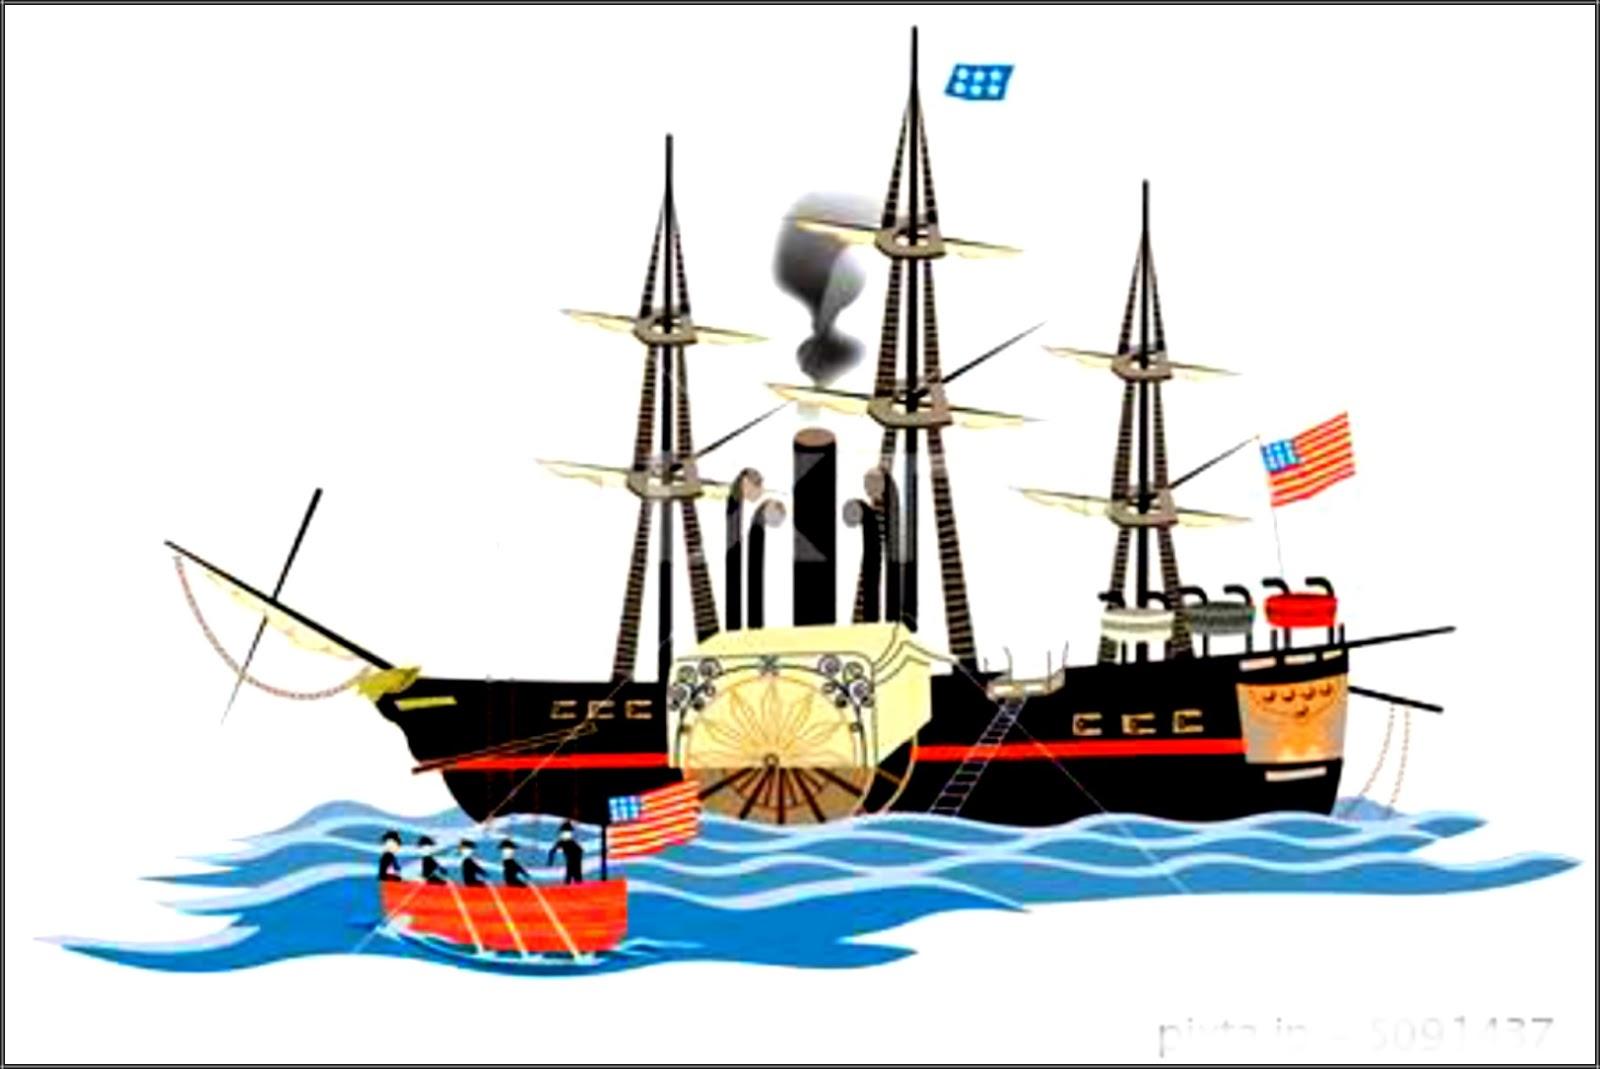 夢野旅人: 11月9日BS11「古地図で謎解き。黒船来訪~ペリーに立ち向かった3人の武士」 ○ 今から約160年前、1853年ペリー率いる巨大な蒸気船の艦隊が日本の海に現れました。 ○ 「突然やってきた」と思われている黒船だが幕府は「ペリー来航」を1年前に知ってた。しかし幕府は市民の動揺を恐れ公表しなかった。 1852年7月21日(嘉永5年6月5日)、オランダ商館長のヤン・ドンケル・クルティウスは長崎奉行に「別段風説書」として保存されるを提出した。 そこには、アメリカが日本との条約締結を求めており、そのために艦隊を派遣することが記載されており、中国周辺に有るアメリカ軍艦5隻と、アメリカから派遣される予定の4隻の艦名とともに、司令官がオーリックからペリーに代わったらしいこと、また艦隊は陸戦用の兵士と兵器を搭載しているとの噂があるとも告げていた。出航は4月下旬以降になろうと言われているとも伝えた。 ○ ペリーの脅しと渡り合った男とは阿部正弘、江川英龍、林復斎の三人であった。 幕府老中の阿部正弘はアメリカ艦隊と戦争になる事を避けた。 韮山代官の江川英龍はお台場に砲台を作り国防に当たった。 儒者の林復斎は日本を代表しペリーと交渉を行った。ペリーの報告書には林復斎の交渉を讃えている。